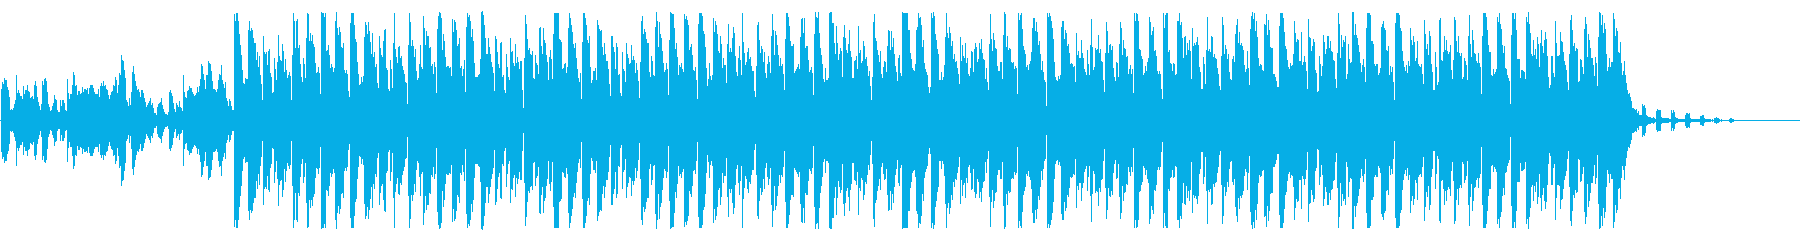 逆風の中、前に進む姿をイメージしたEDMの再生済みの波形